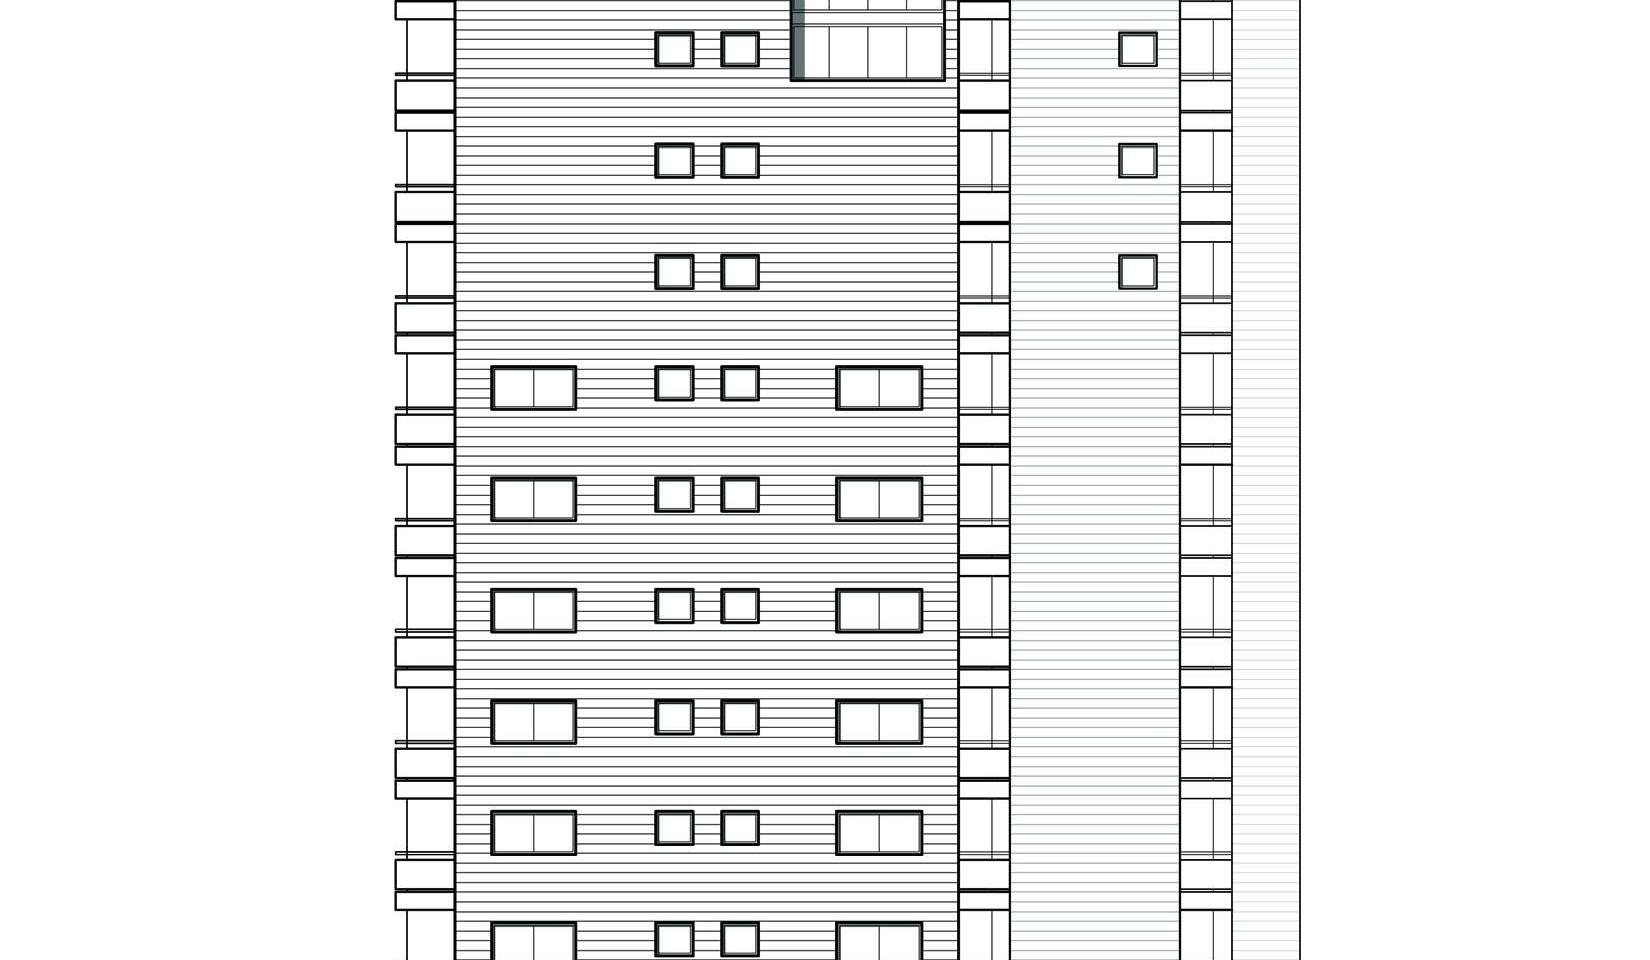 torre-centenario-i-2